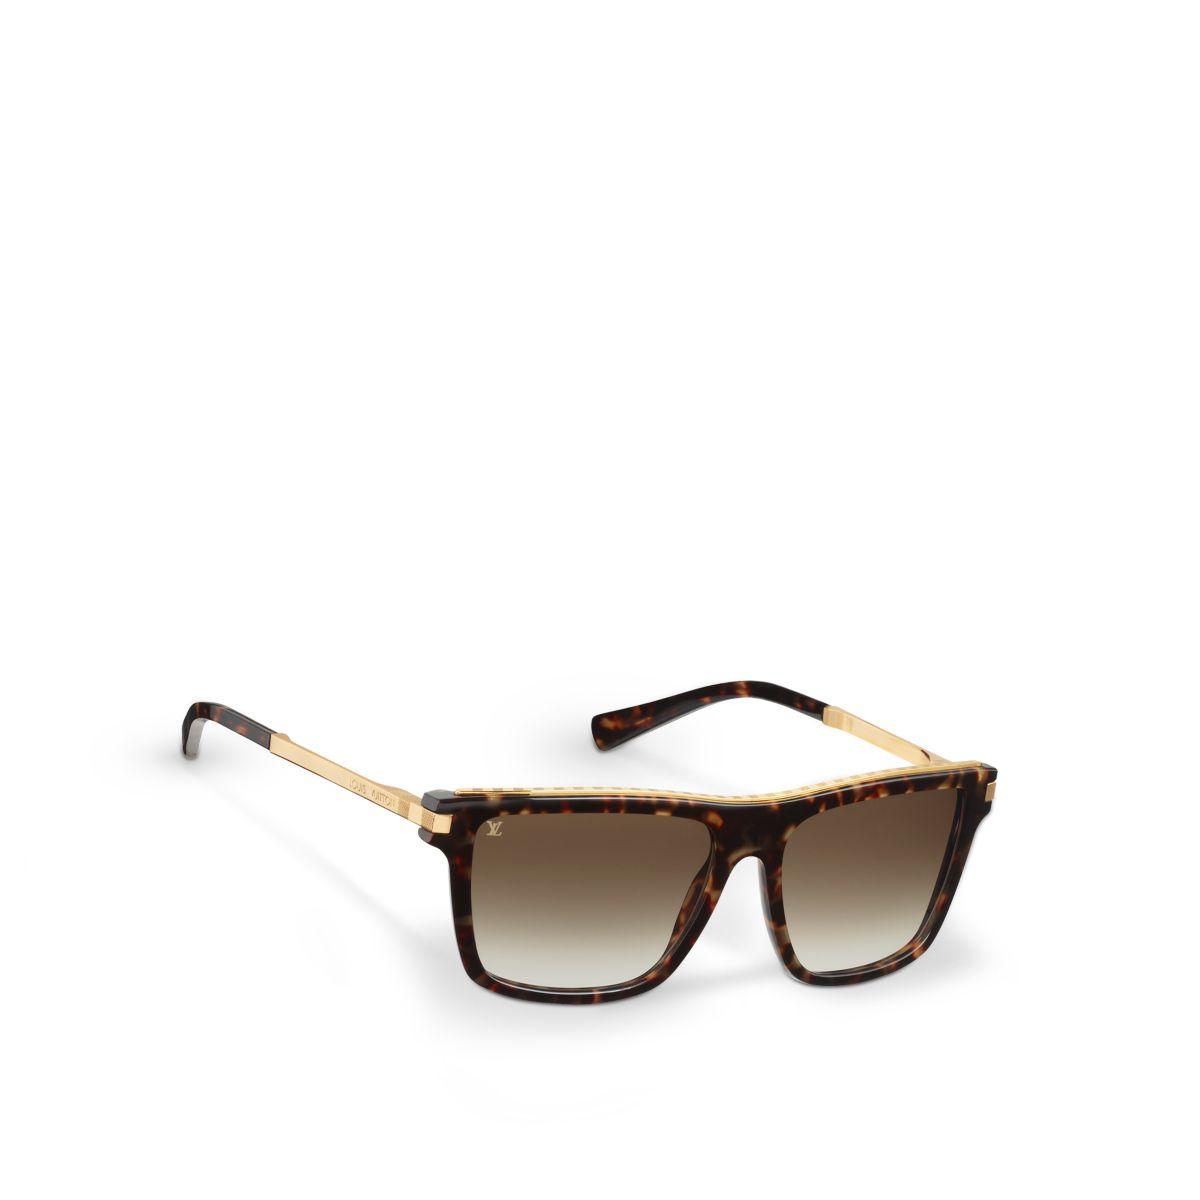 Louis Vuitton Perception Sunglasses  louis vuitton perception sunglasses in brown for men lyst